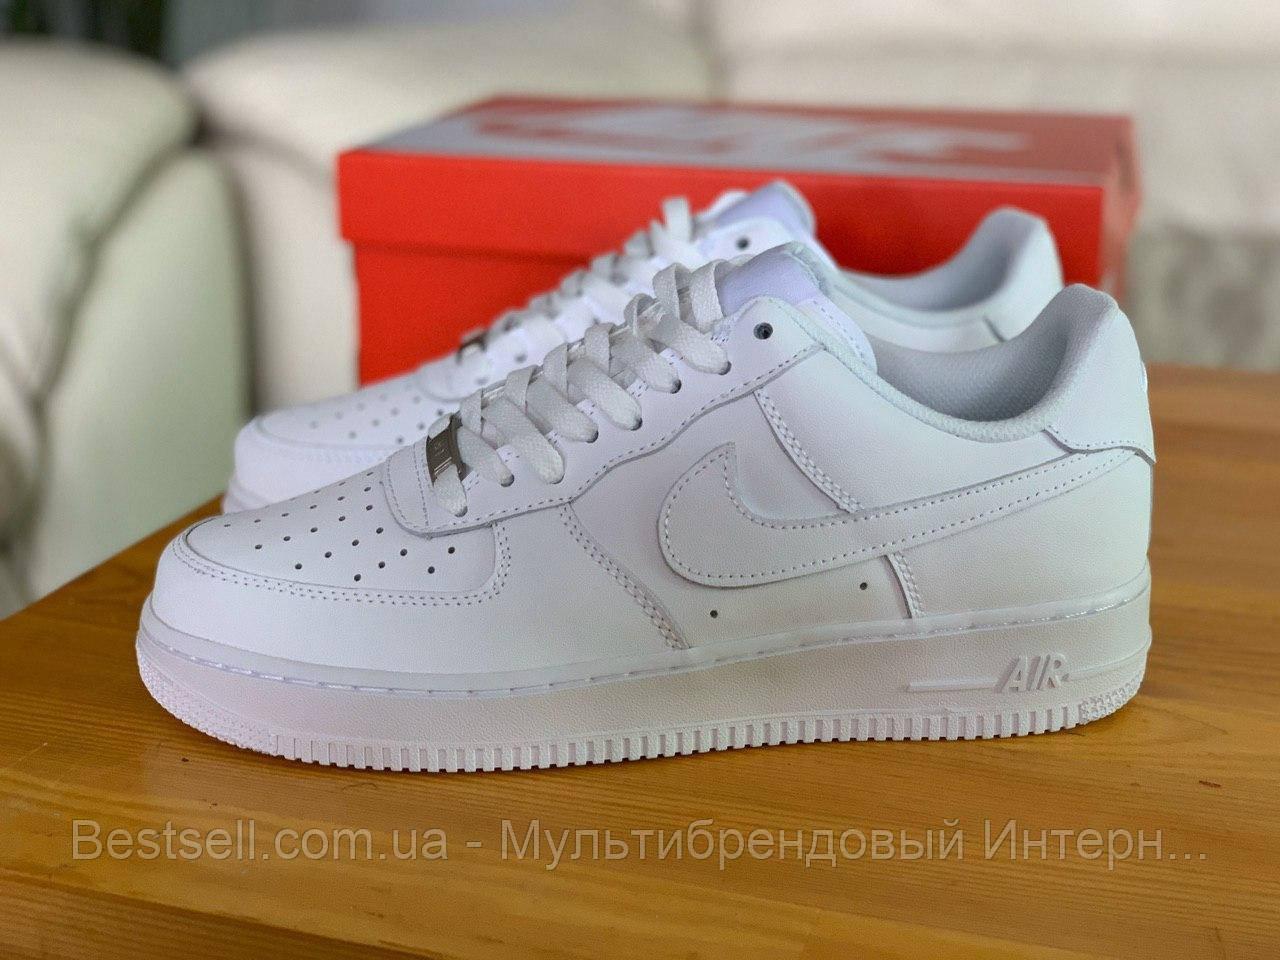 Кросівки білі низькі Nike Air Force Найк Аір Форс (36,37)